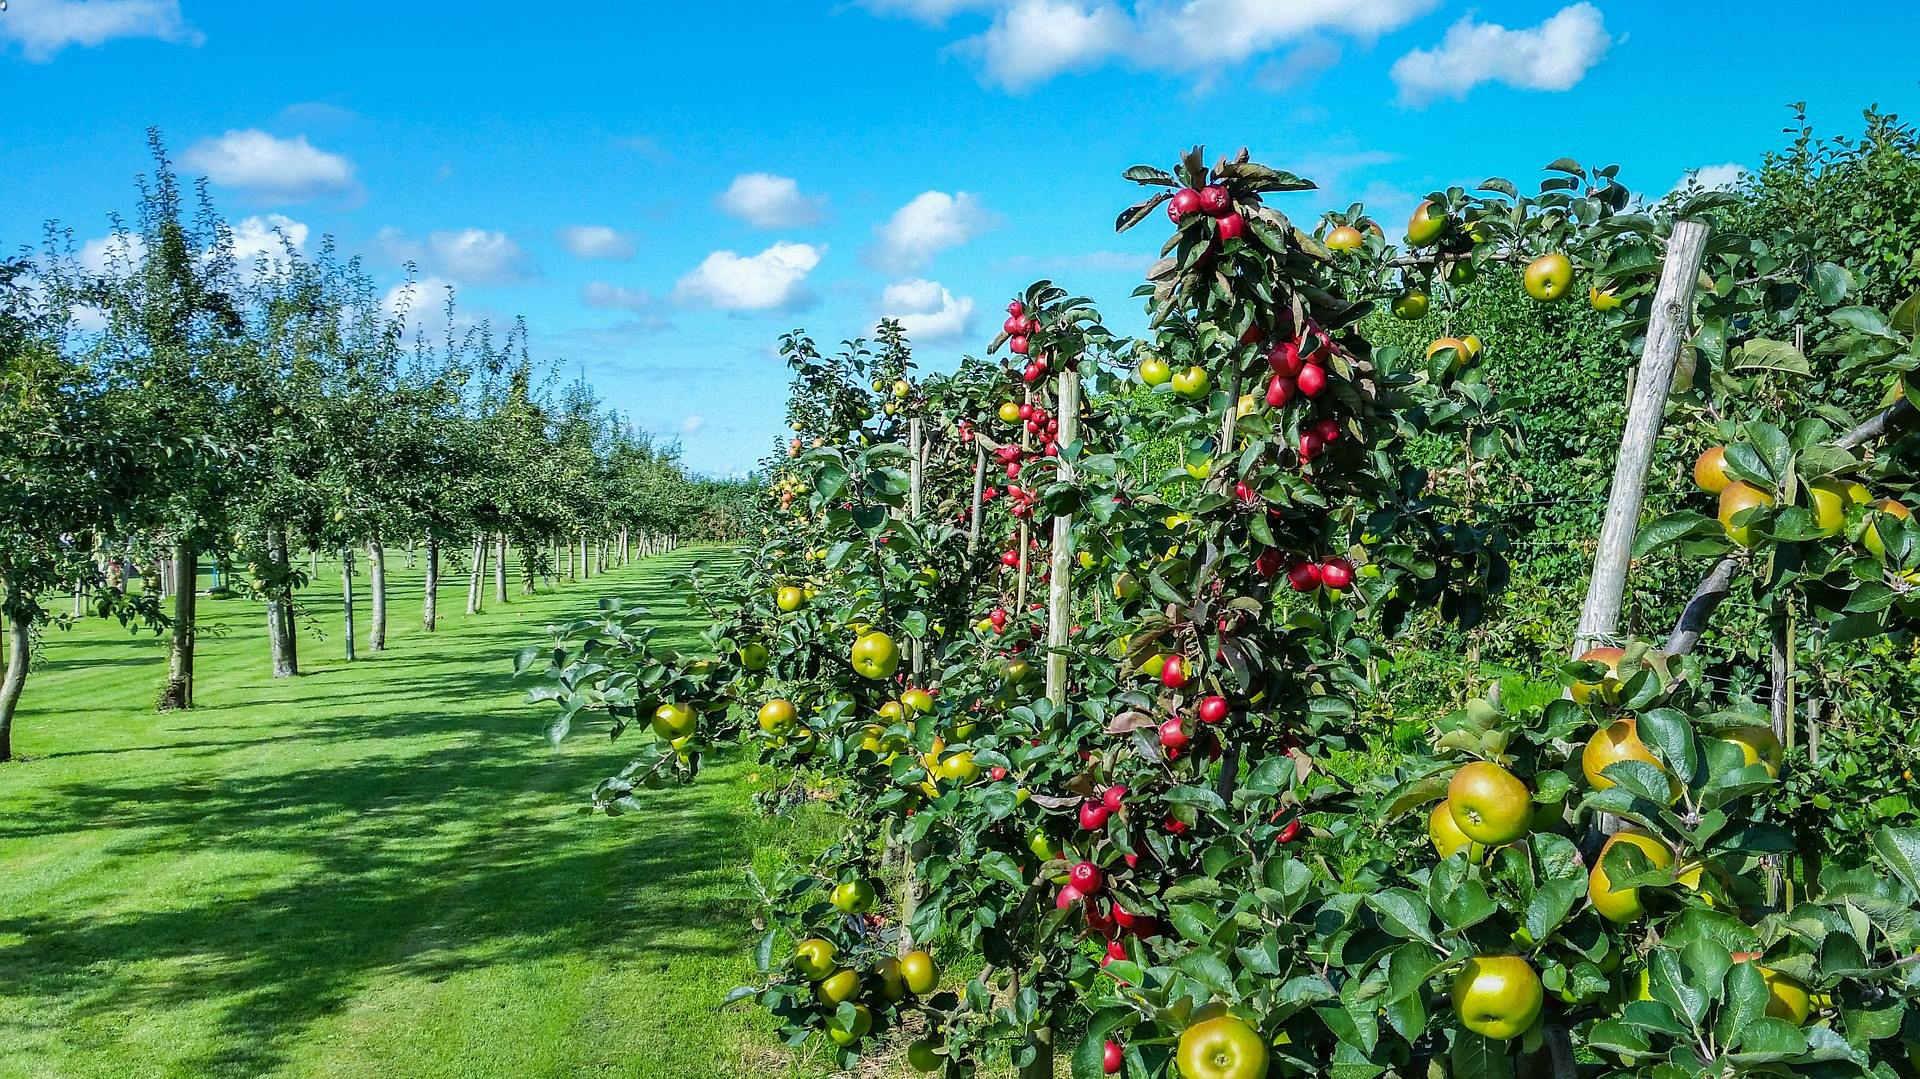 L'agricoltura vincente parte da una scelta intelligente